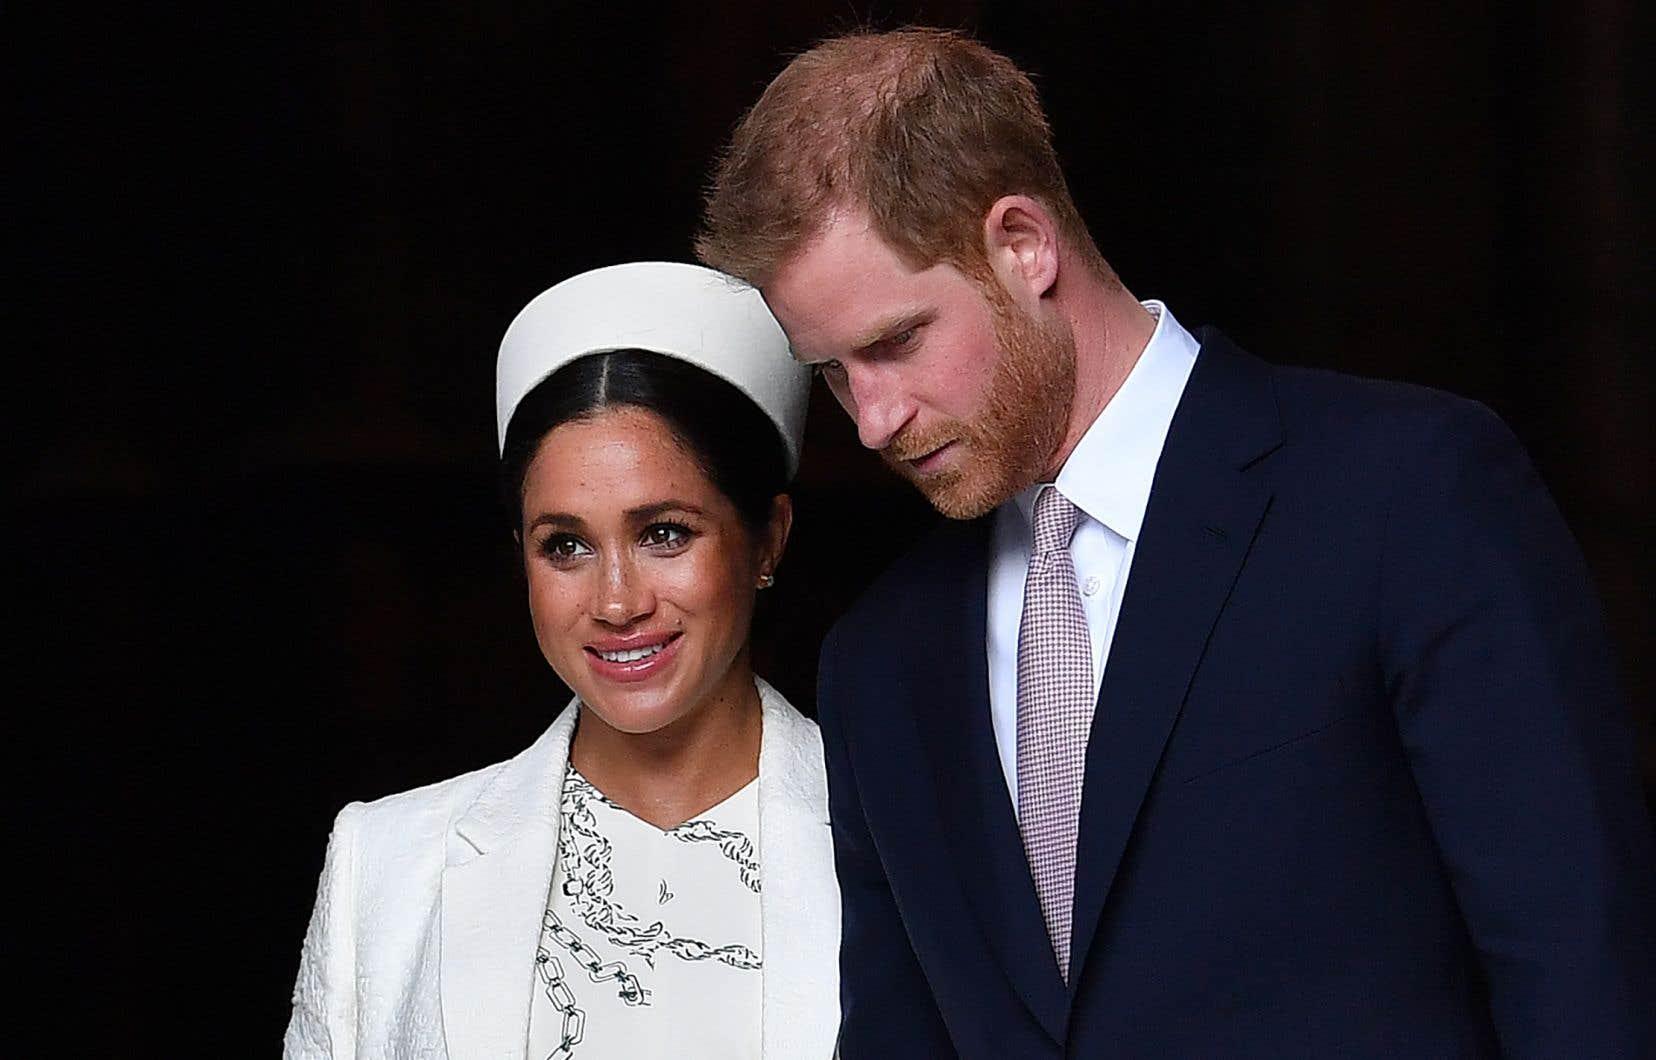 Le couple s'est marié au château de Windsor l'année dernière. Ils ont emménagé au Frogmore Cottage, une résidence royale située sur le terrain où ils ont organisé leur réception de mariage.